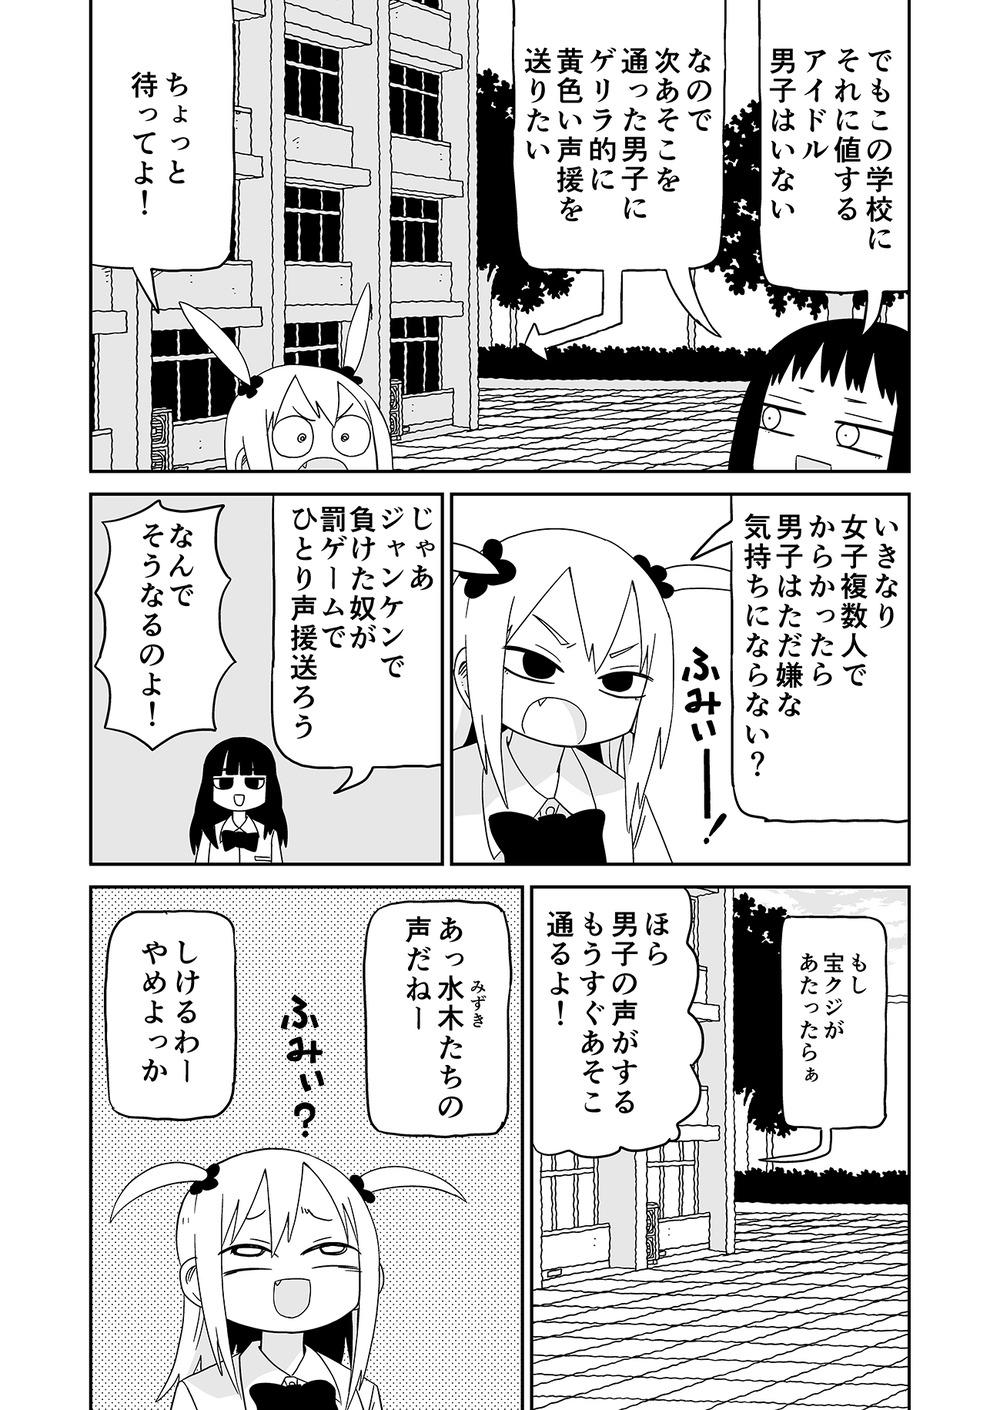 潮舞データオマケ30022